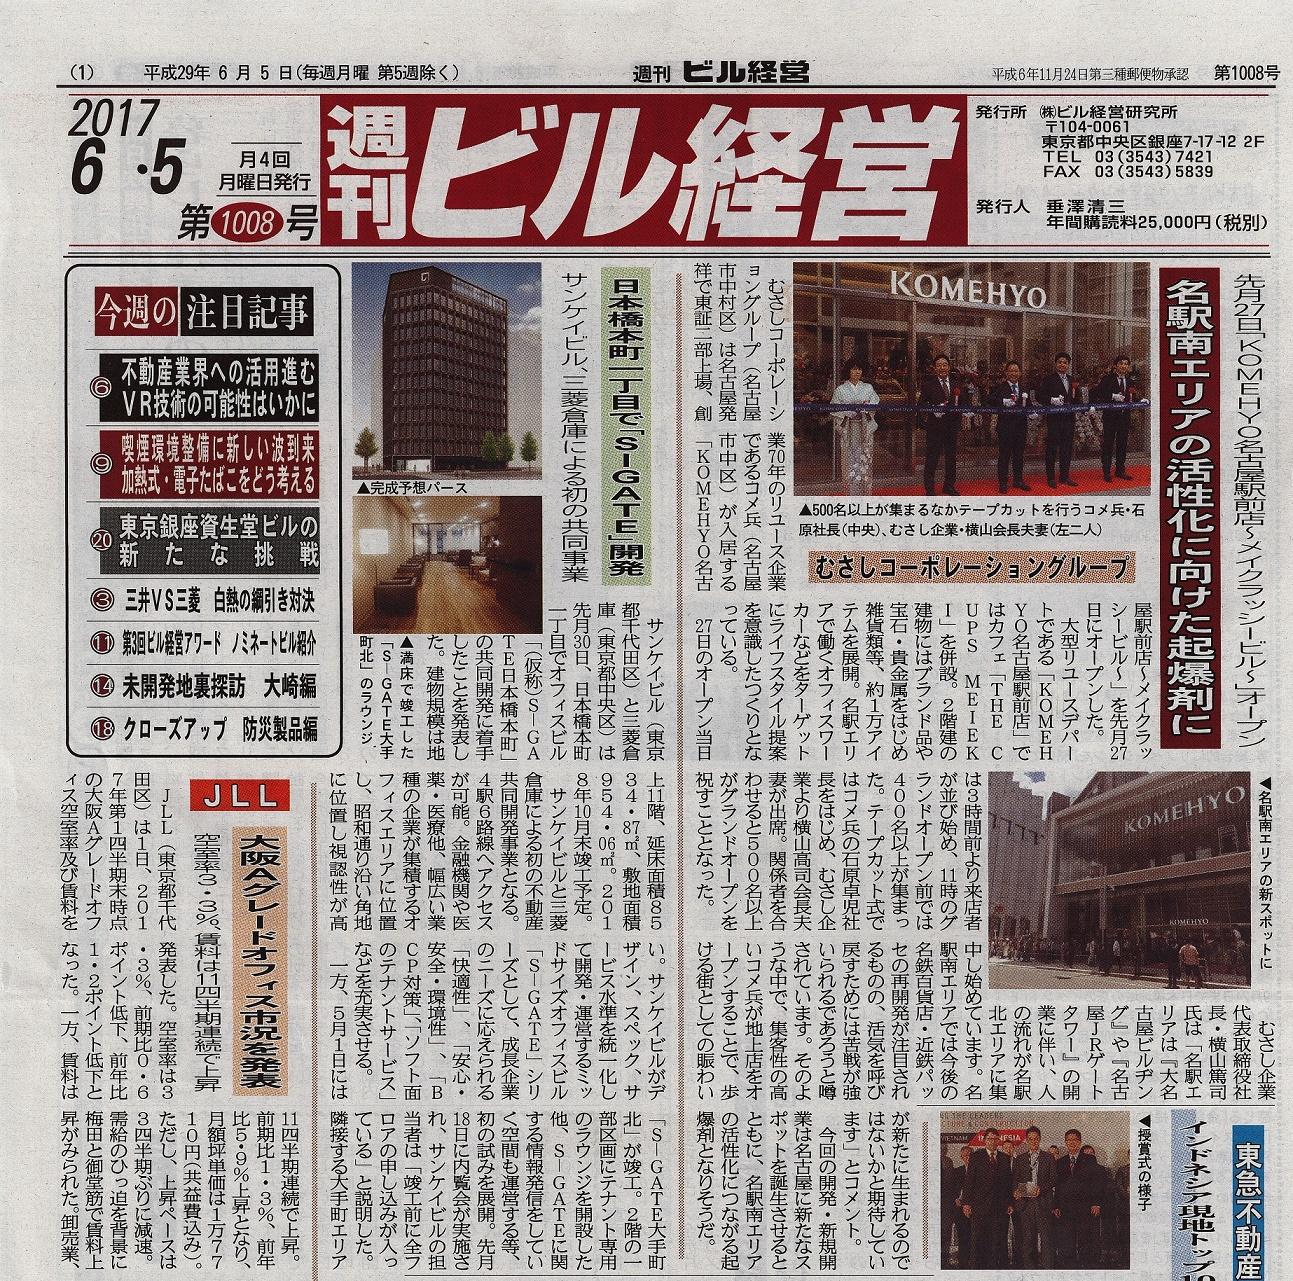 KOMEHYOオープン記事4